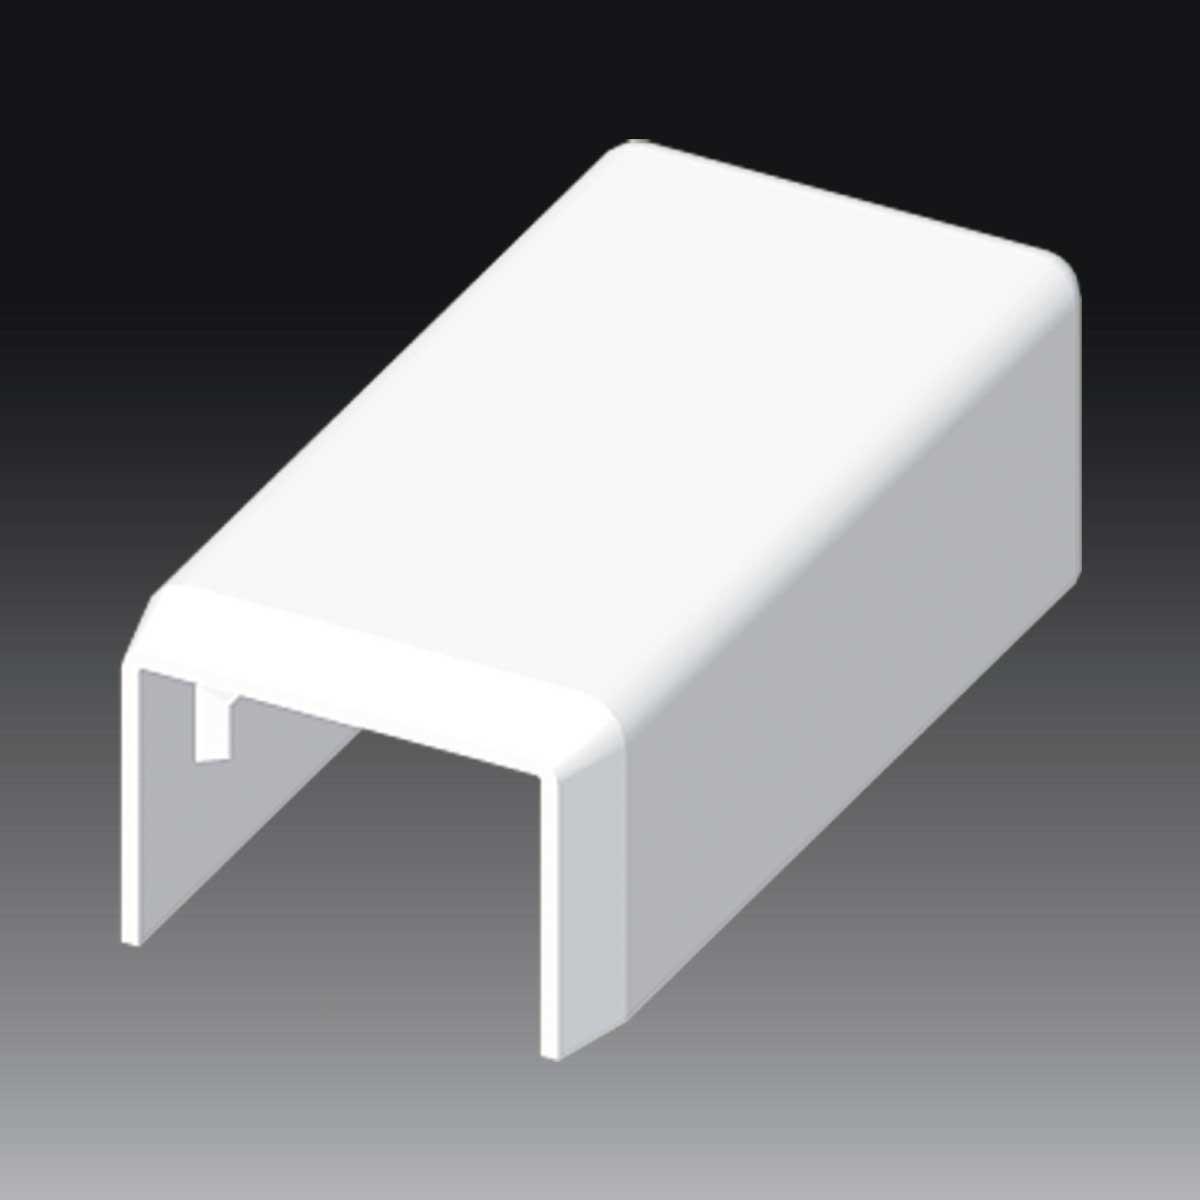 Заглушка до LV 18х13 білого кольору; Серія LV; ПВХ